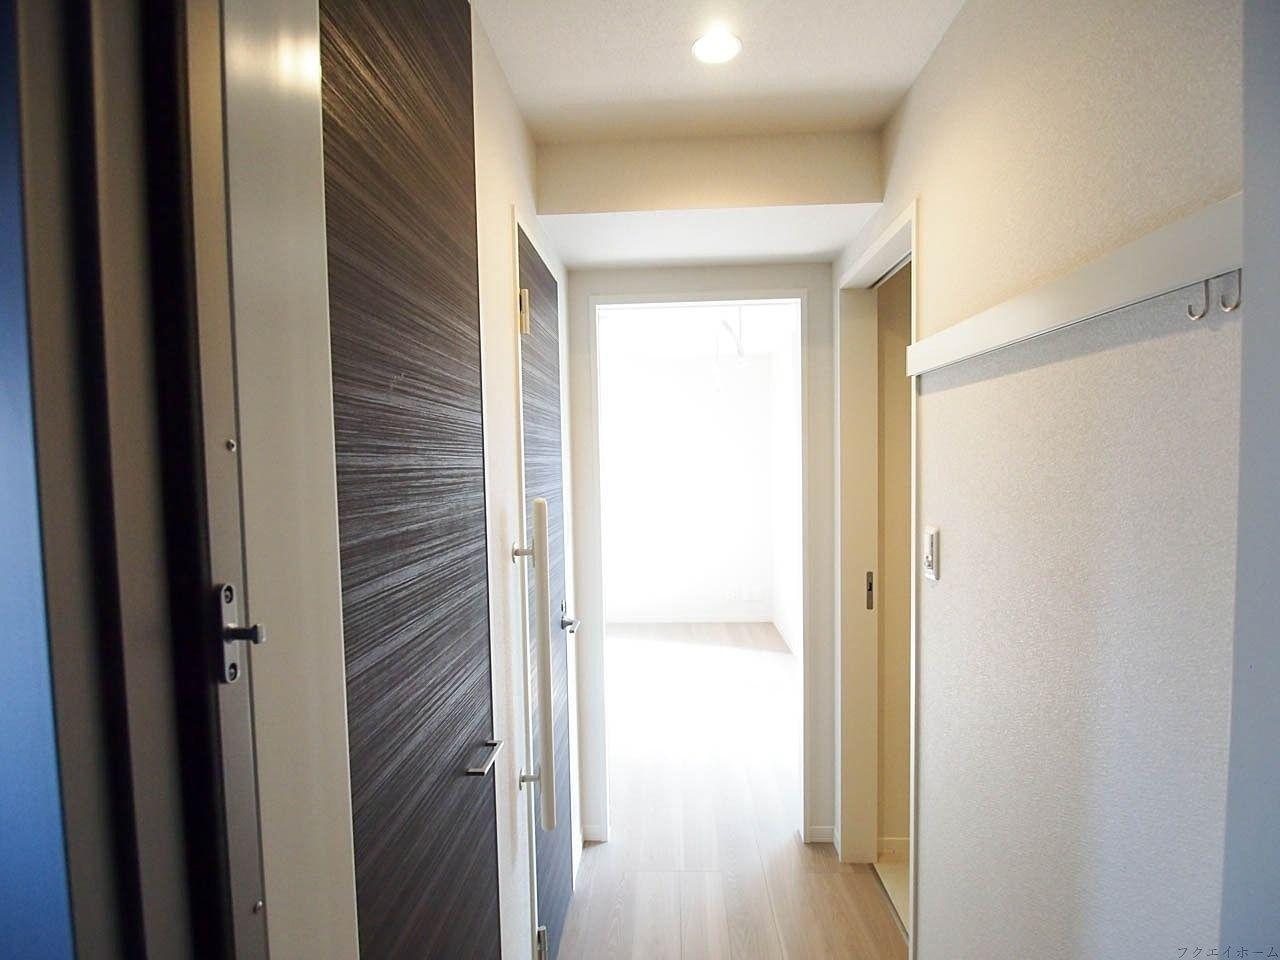 賃貸物件の玄関にコート掛けを設置すると入居者に喜ばれます